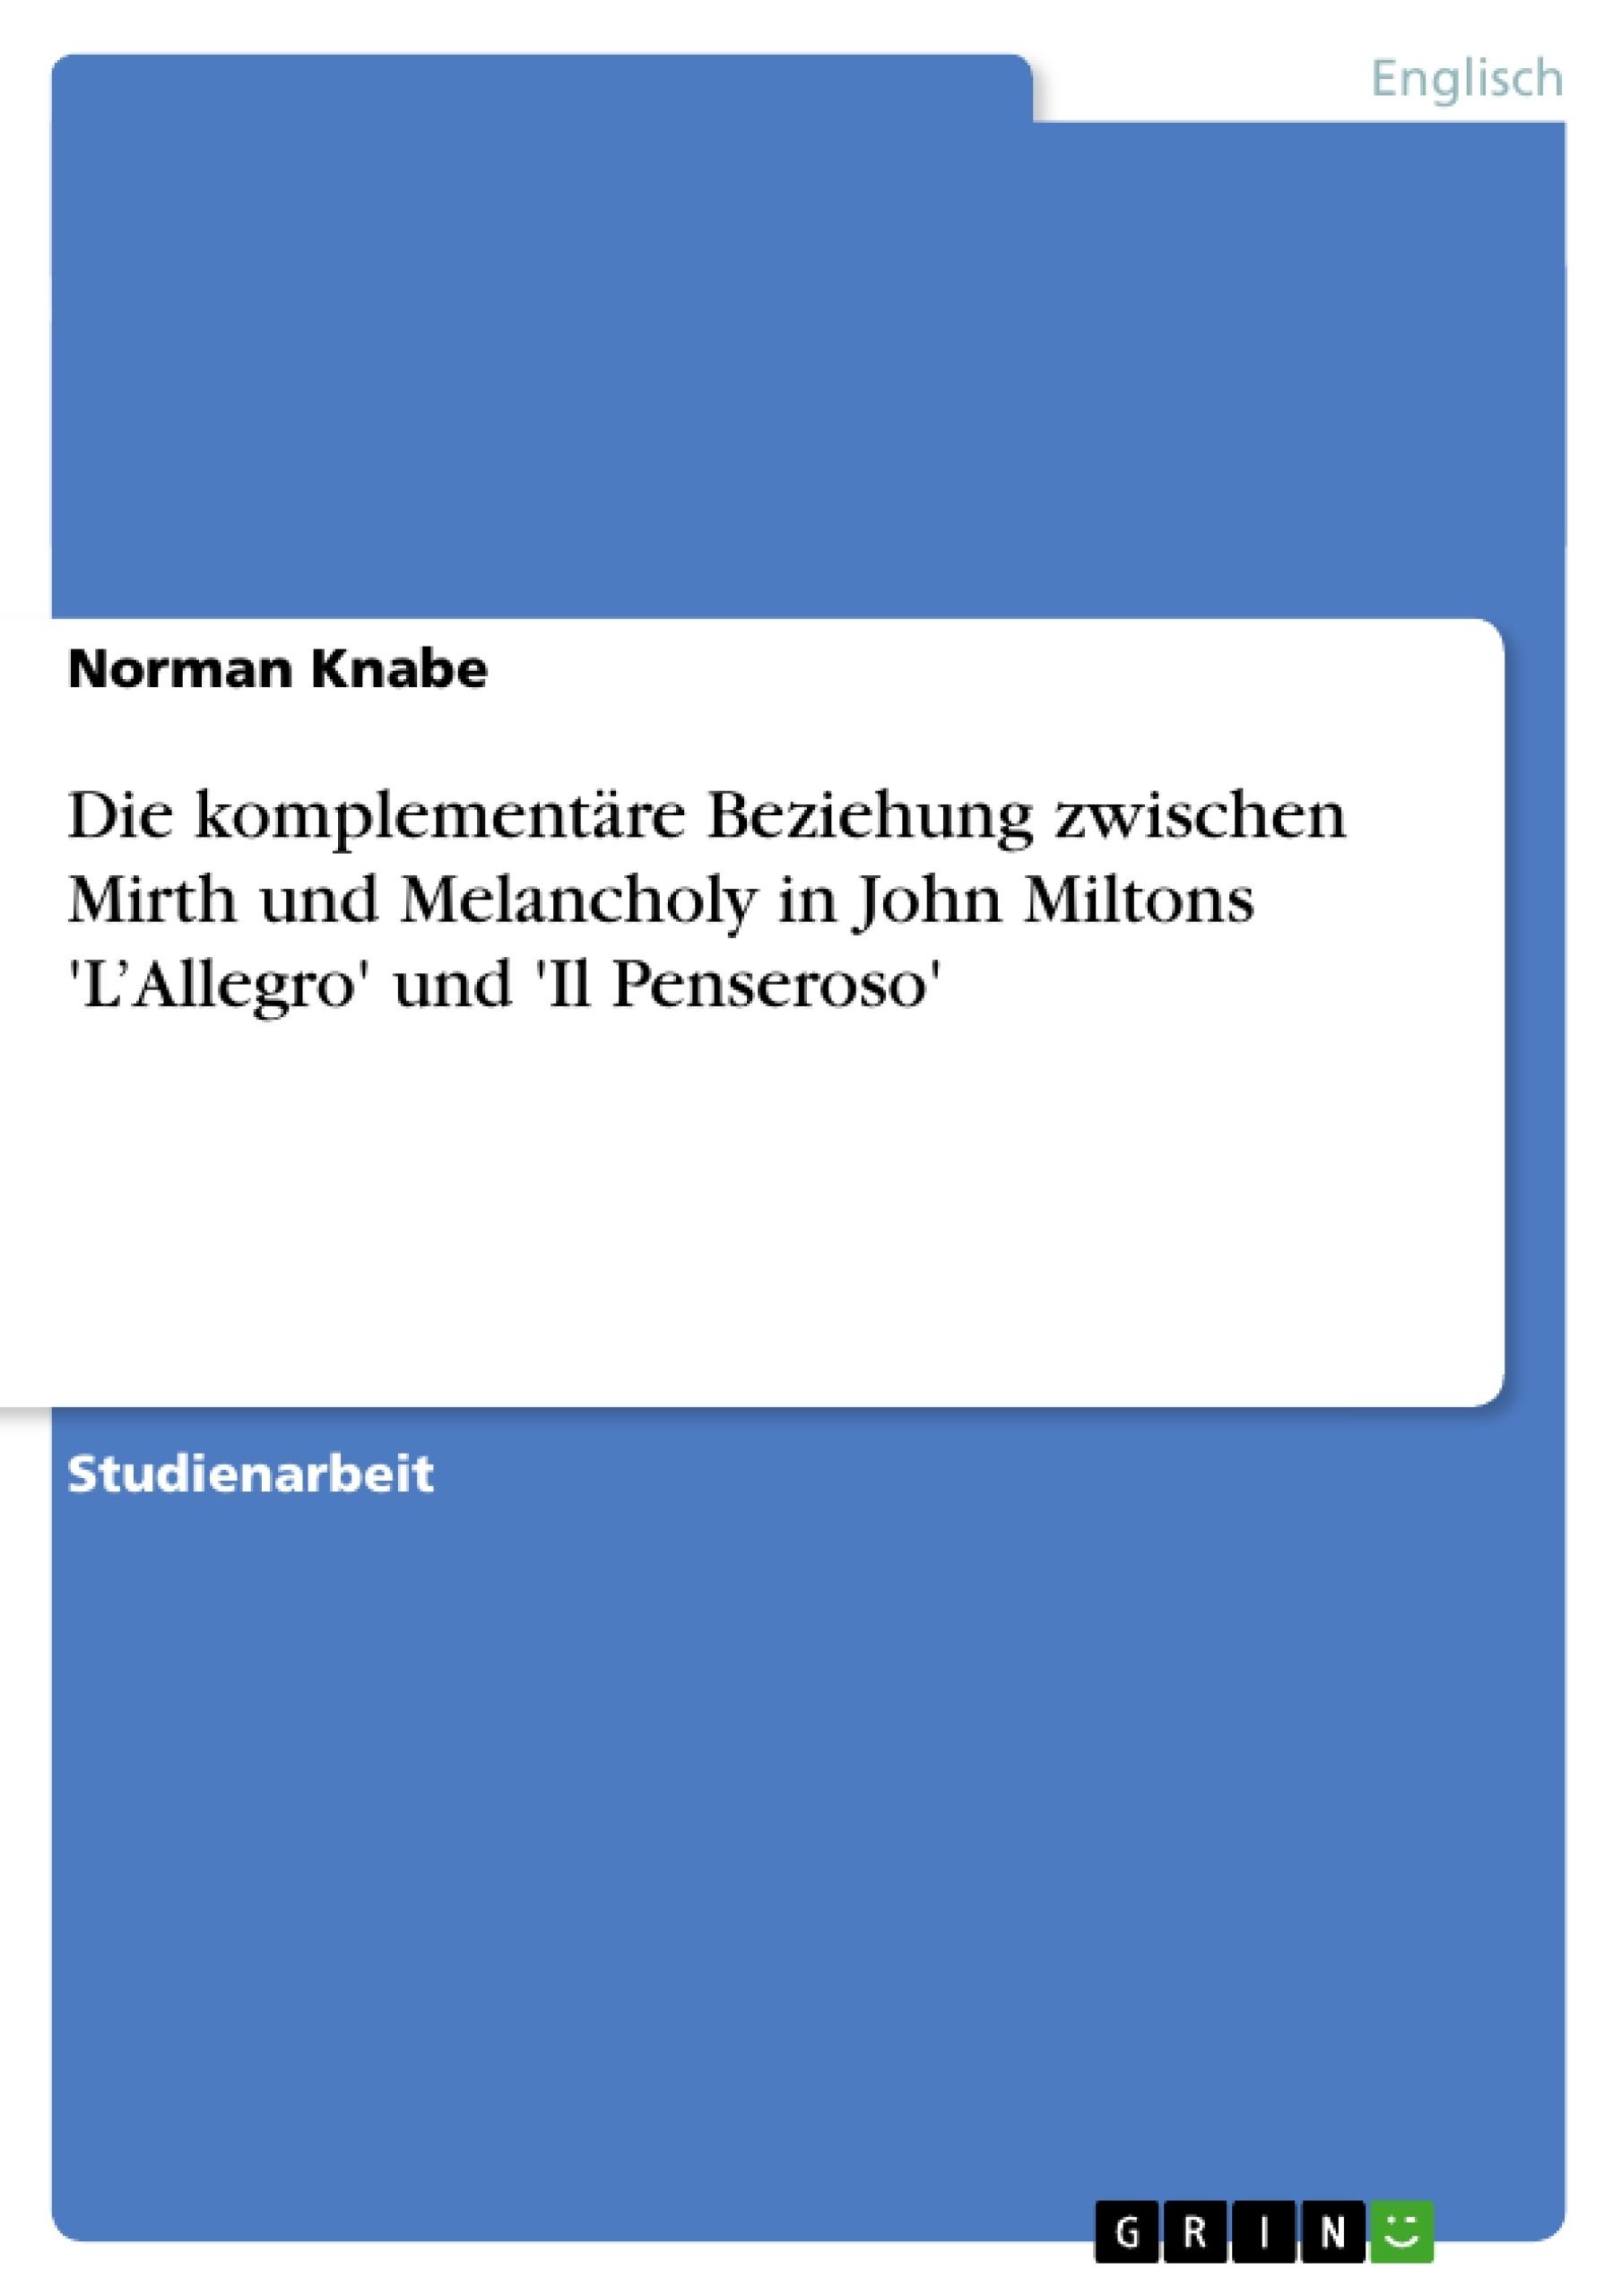 Titel: Die komplementäre Beziehung zwischen Mirth und Melancholy in John Miltons 'L'Allegro' und 'Il Penseroso'